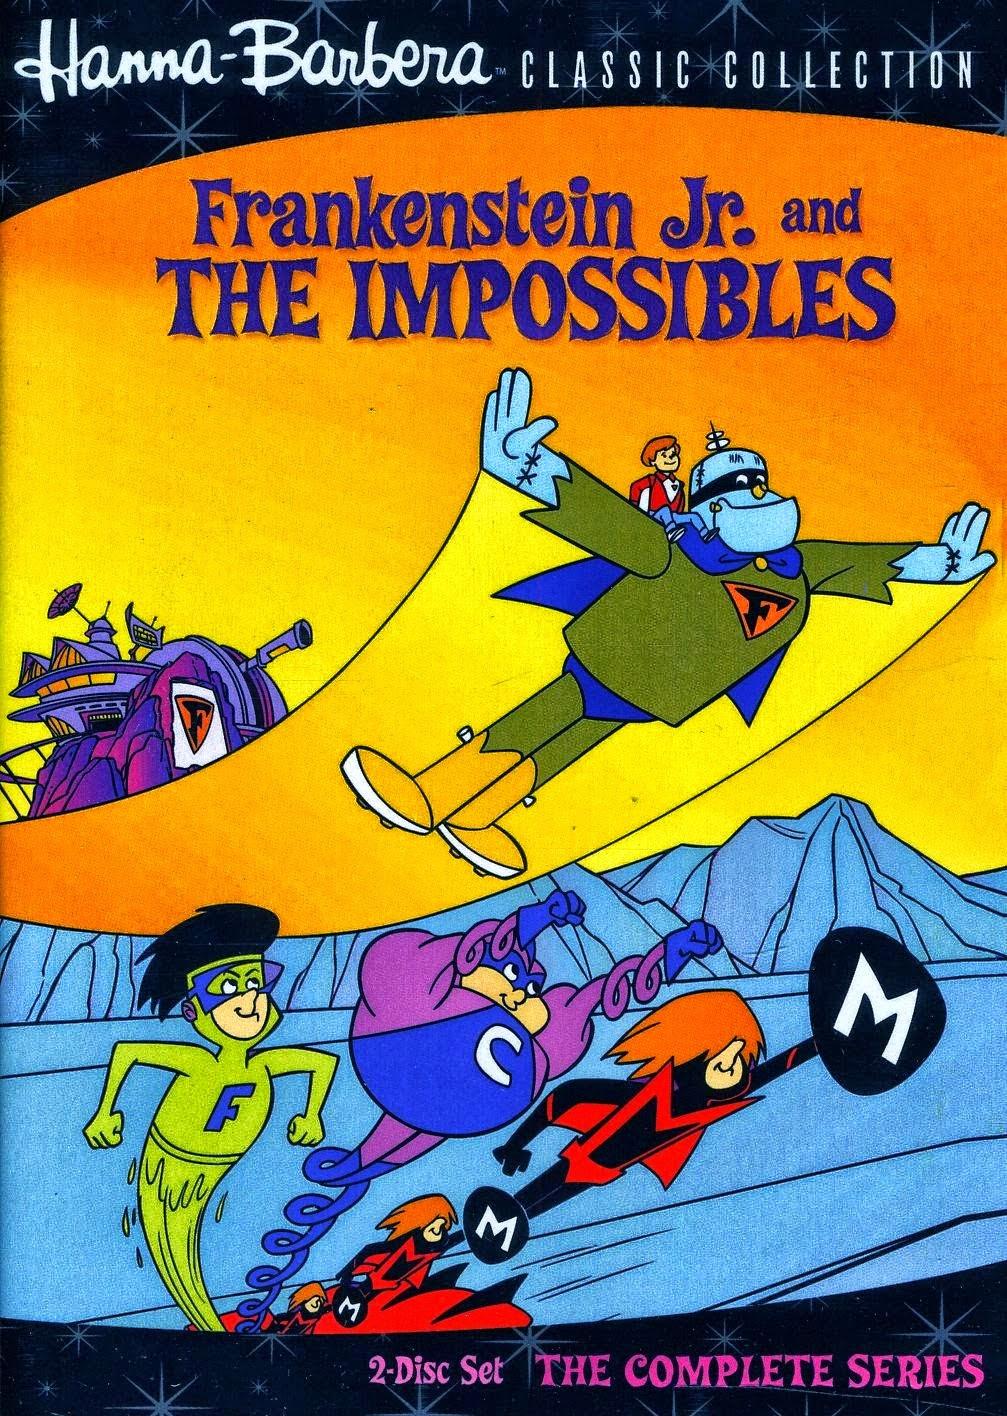 http://superheroesrevelados.blogspot.com.ar/2014/04/frankenstein-jr-and-impossibles.html